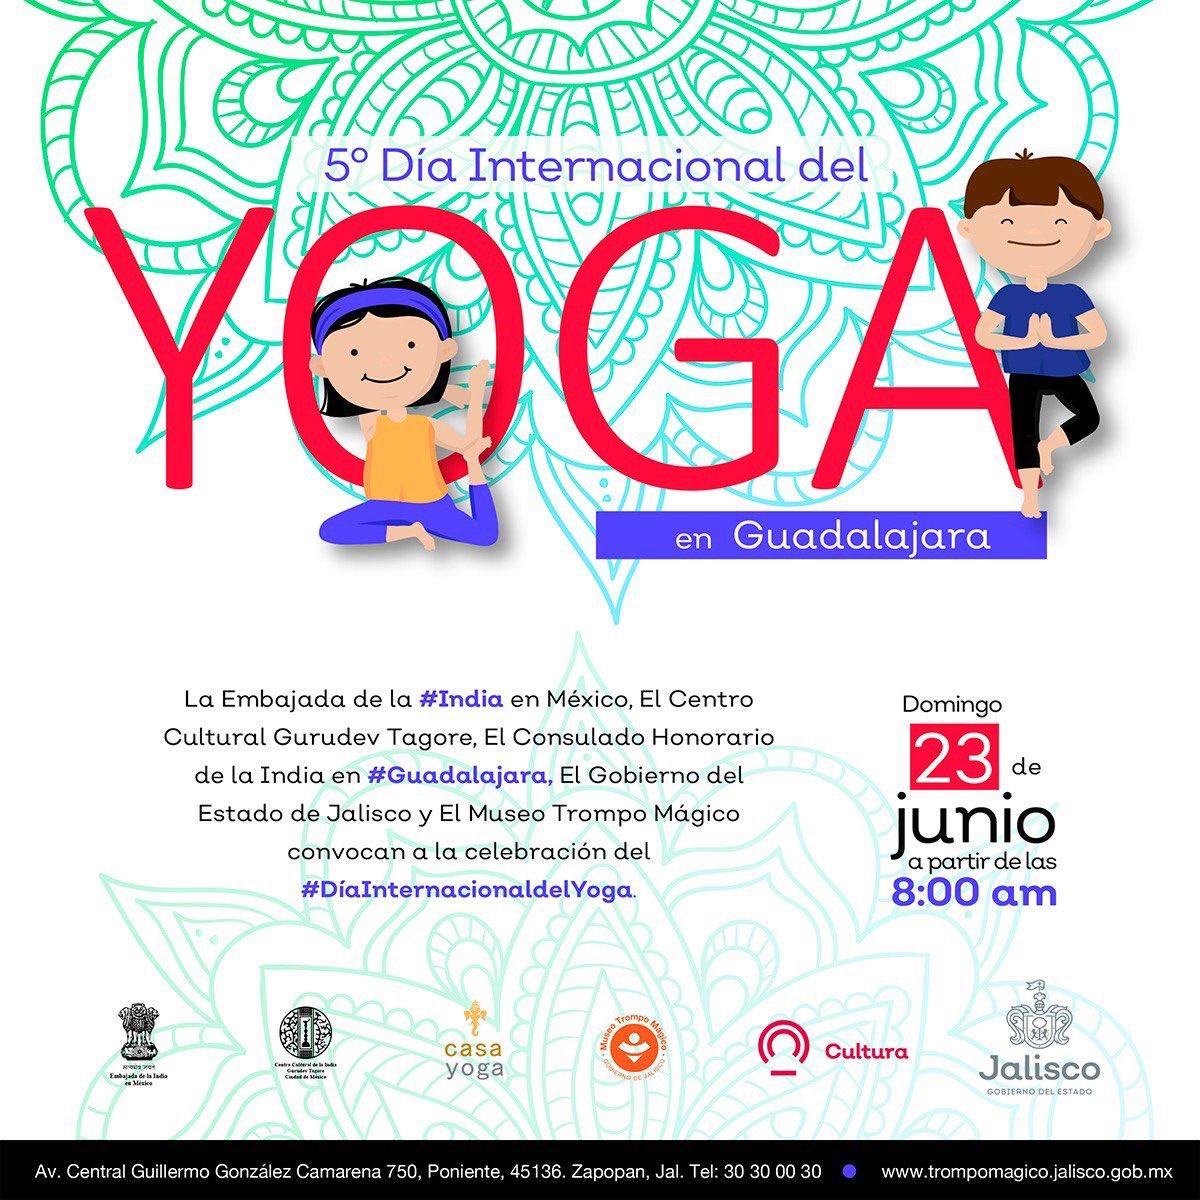 Festeja el #DíaInternacionalDelYoga en #Guadalajara practicándolo con actividades para adultos y niños.   📍 @TrompoMagico  📅 23 de junio  ⏱ 08:00 - 10:00 hrs